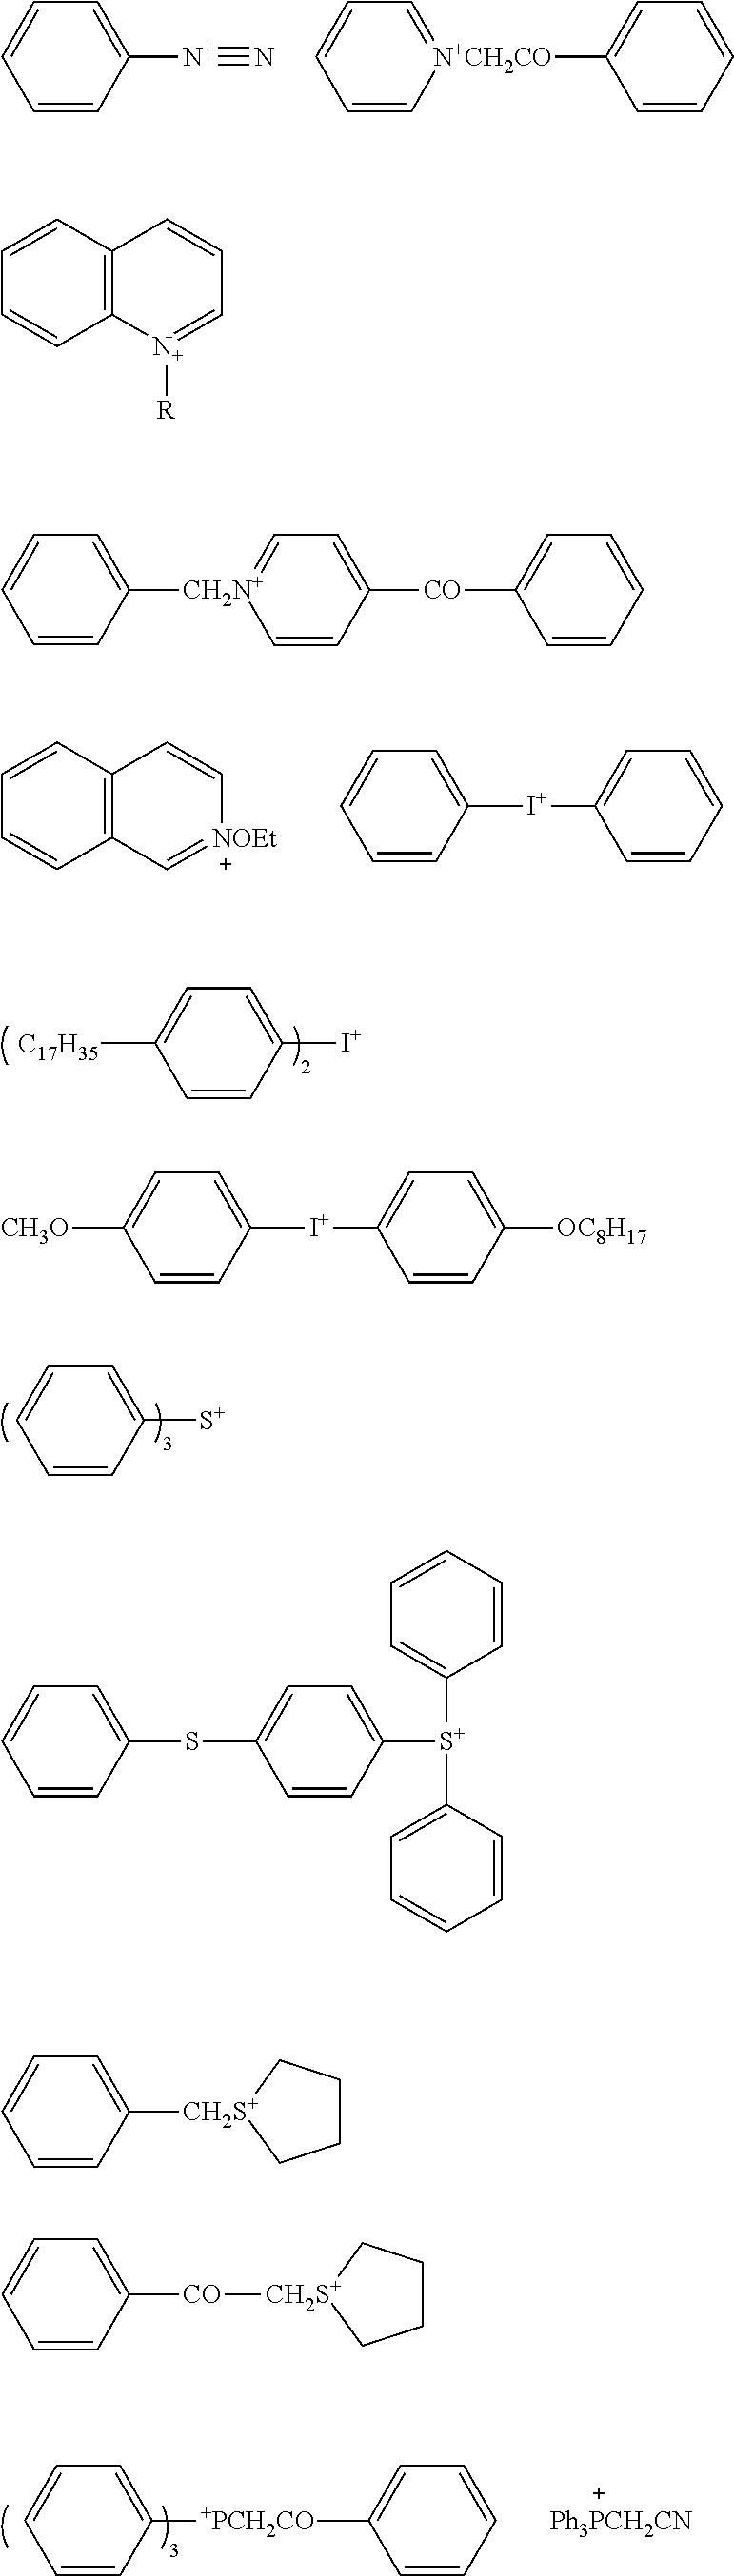 Figure US20110165387A1-20110707-C00004